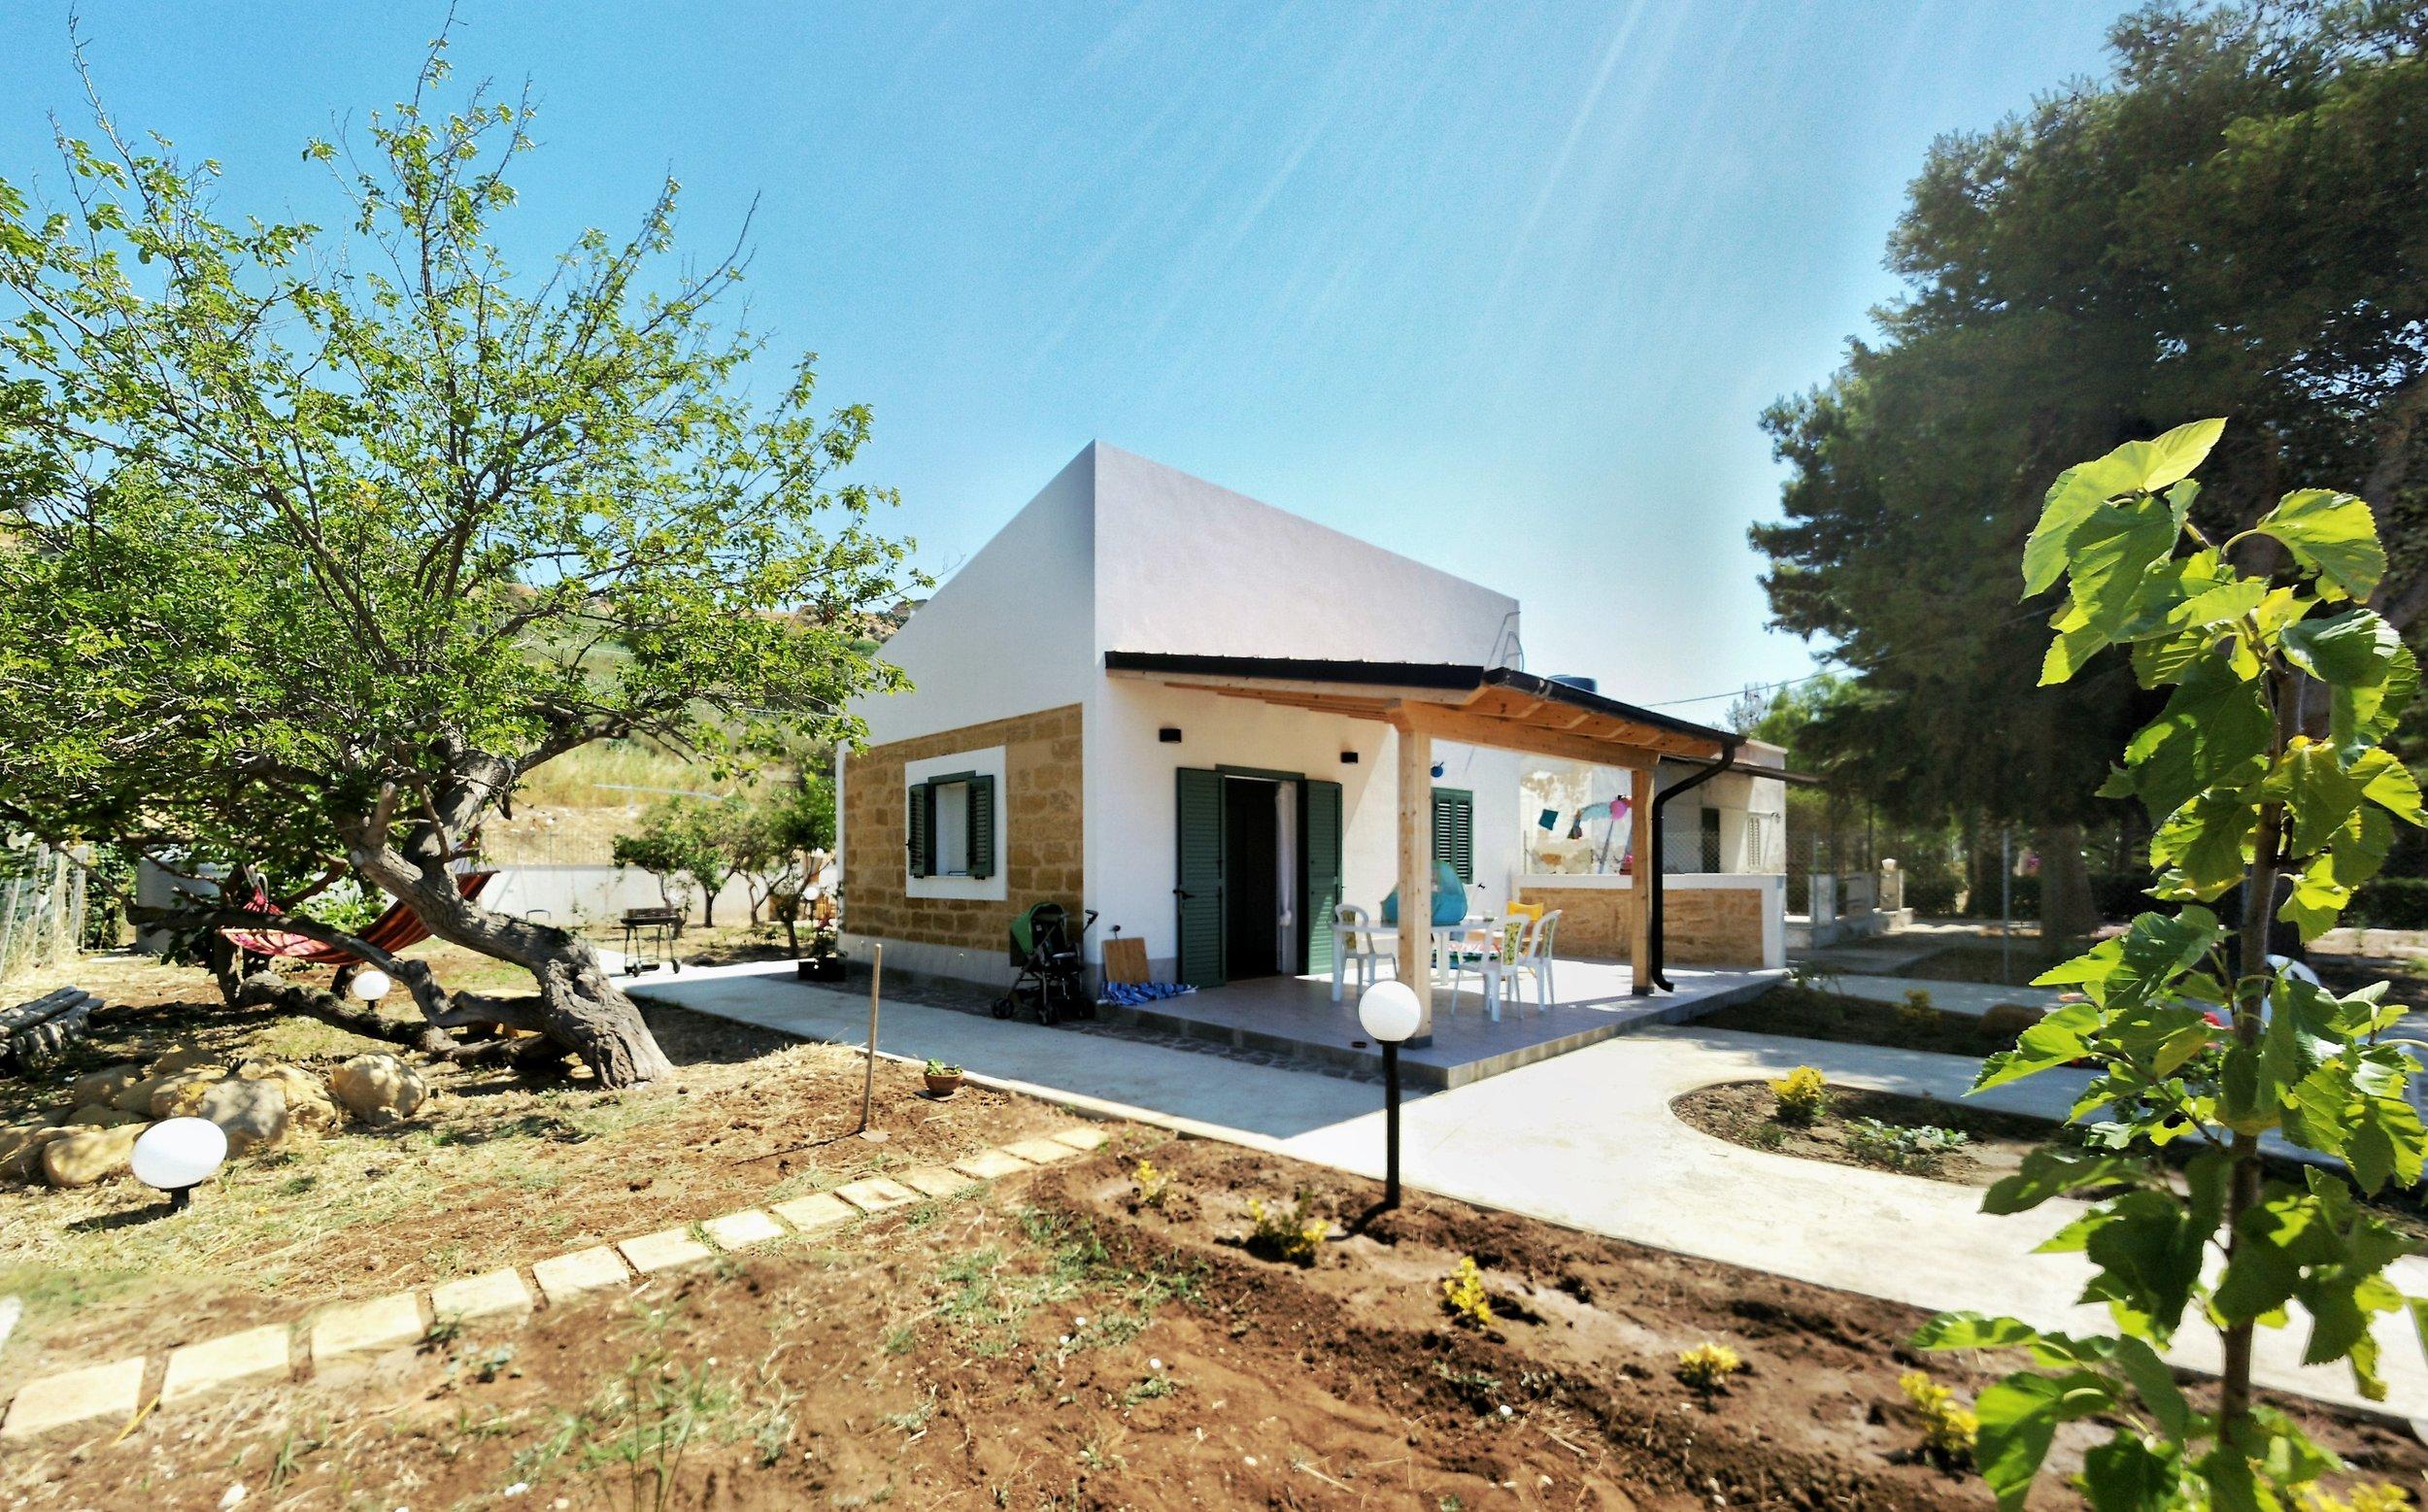 Architetto Luigi Greco - Casa al mare.jpeg